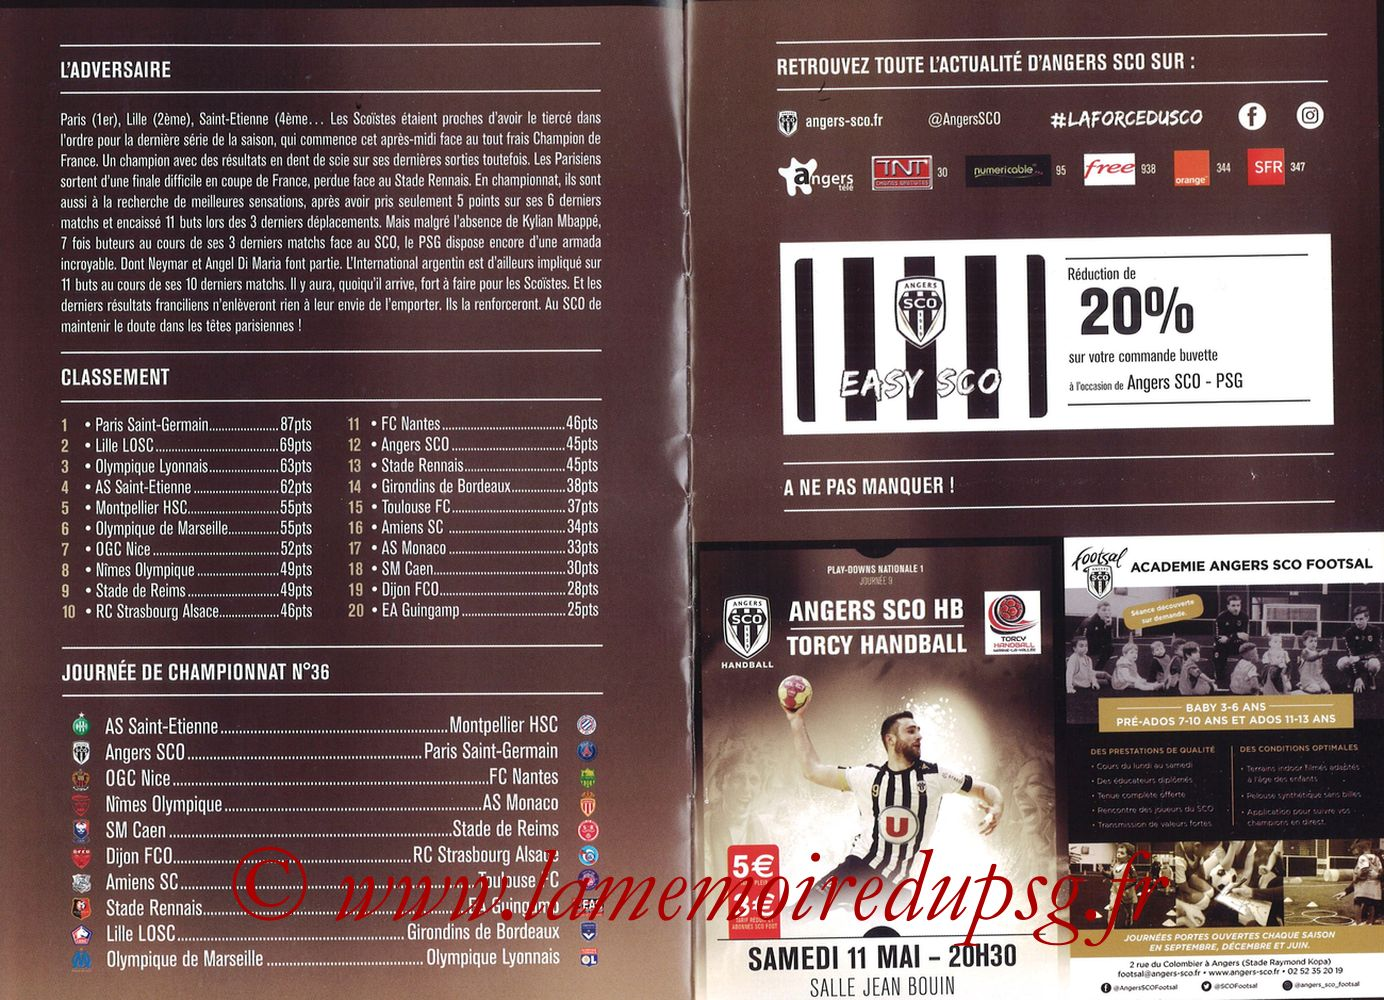 2019-05-11  Angers-PSG (36ème L1, Programme officiel N°18) - Pages 02 et 03